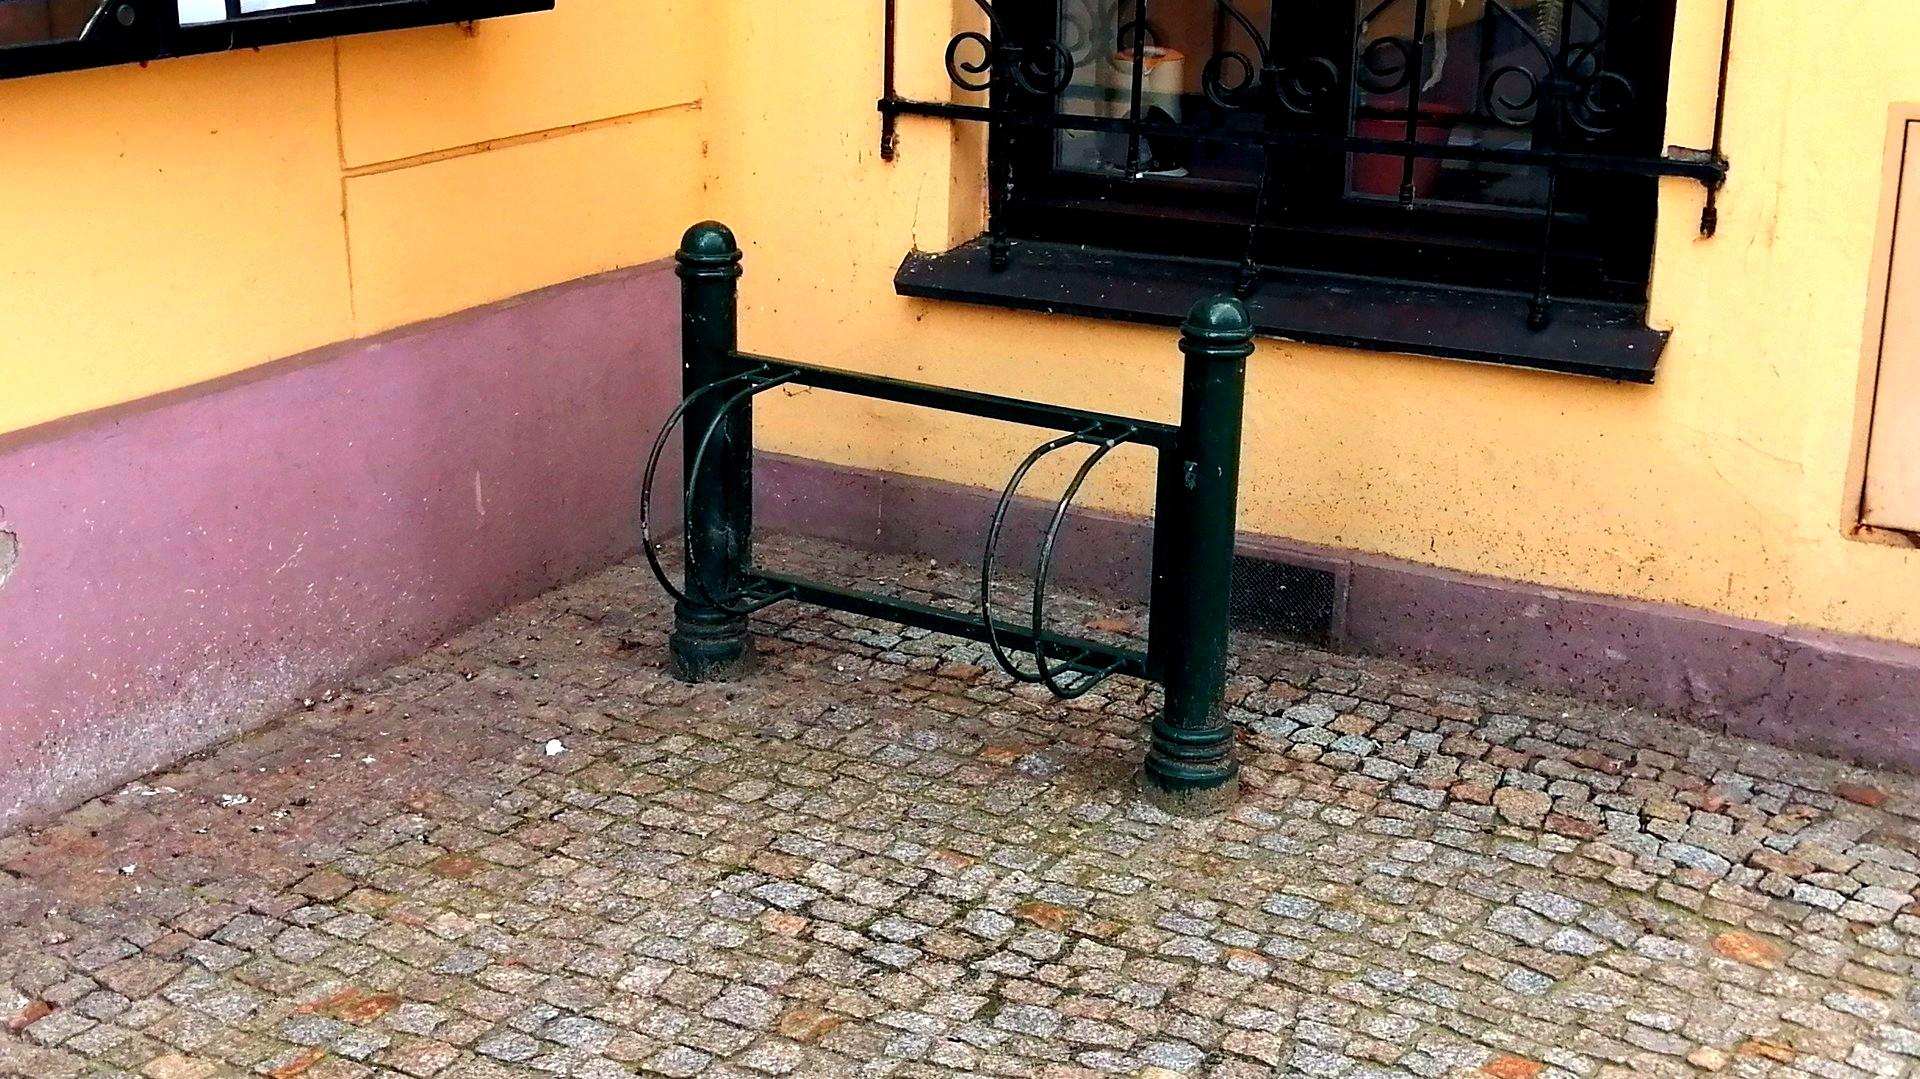 Stojak przy urzędzie miejskim